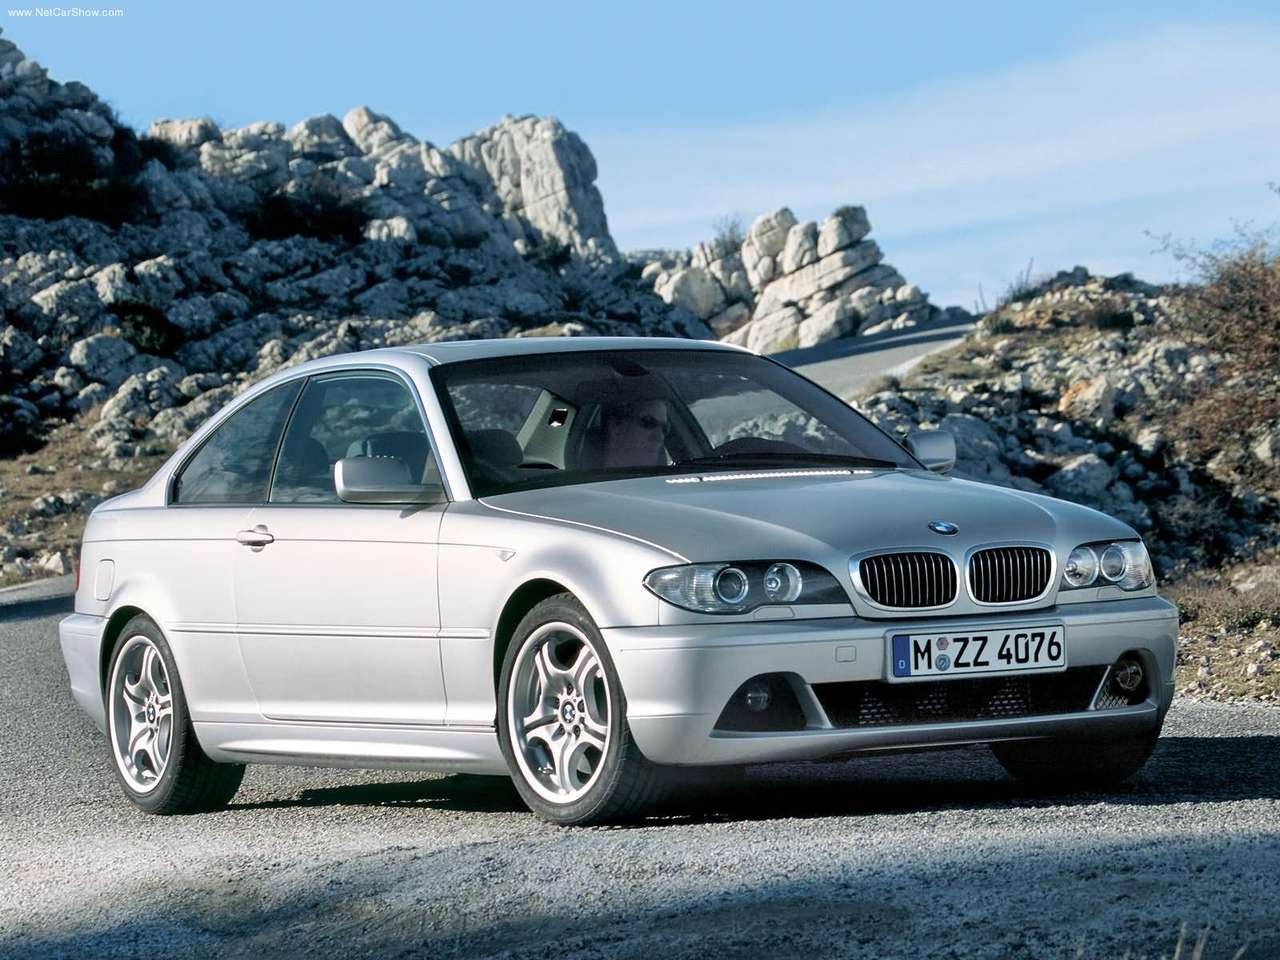 BMW - Auto twenty-first century: 2004 BMW 330Cd Coupe